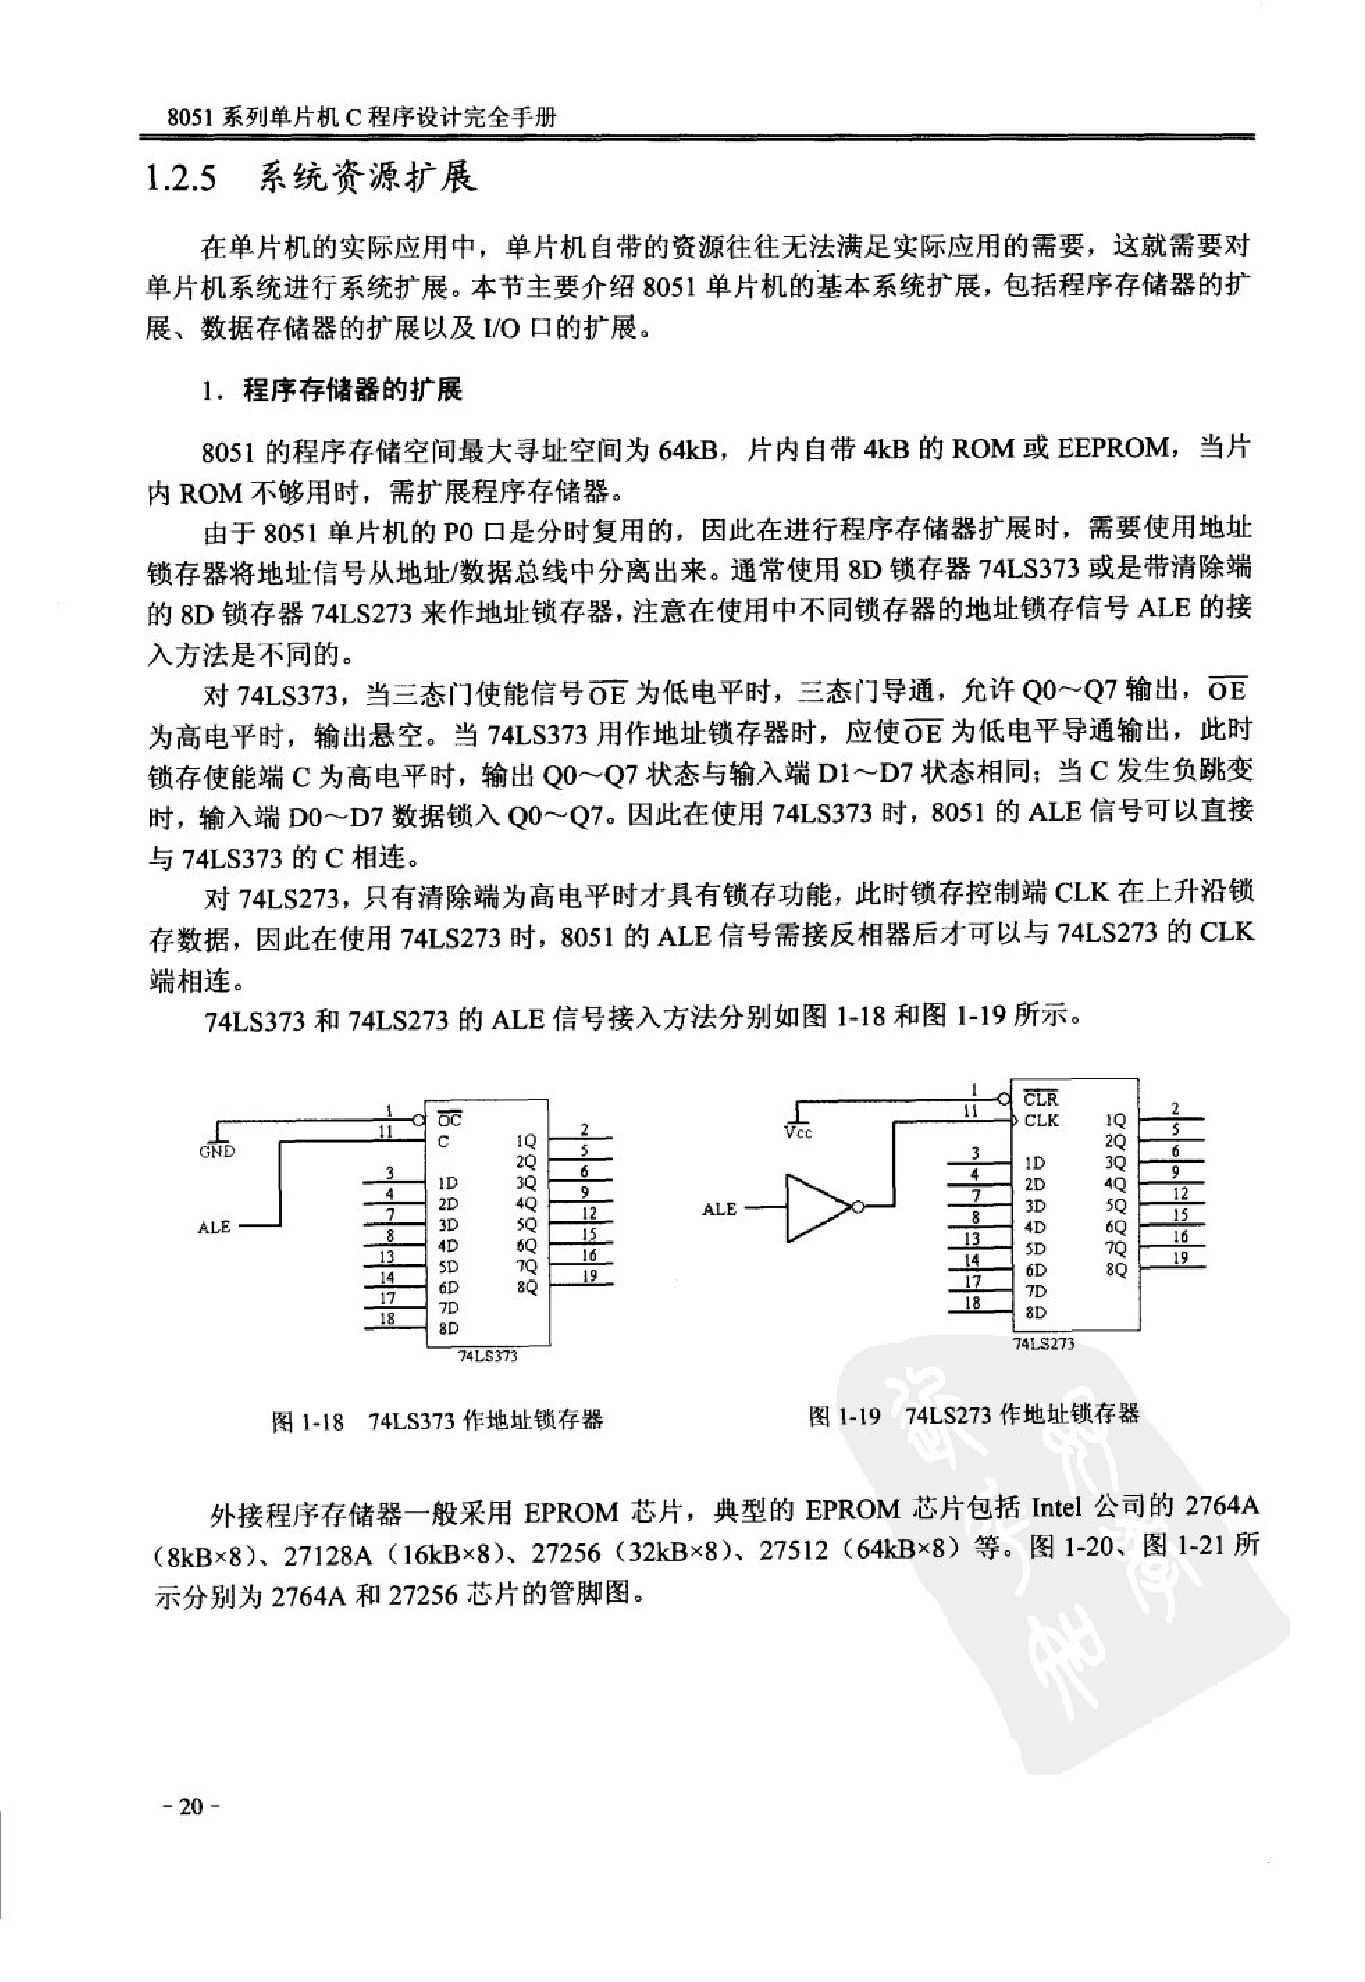 java程序设计试题_高等数学教程(第二卷.第三分册).[苏]斯米尔诺夫.pdf电子版免费下载